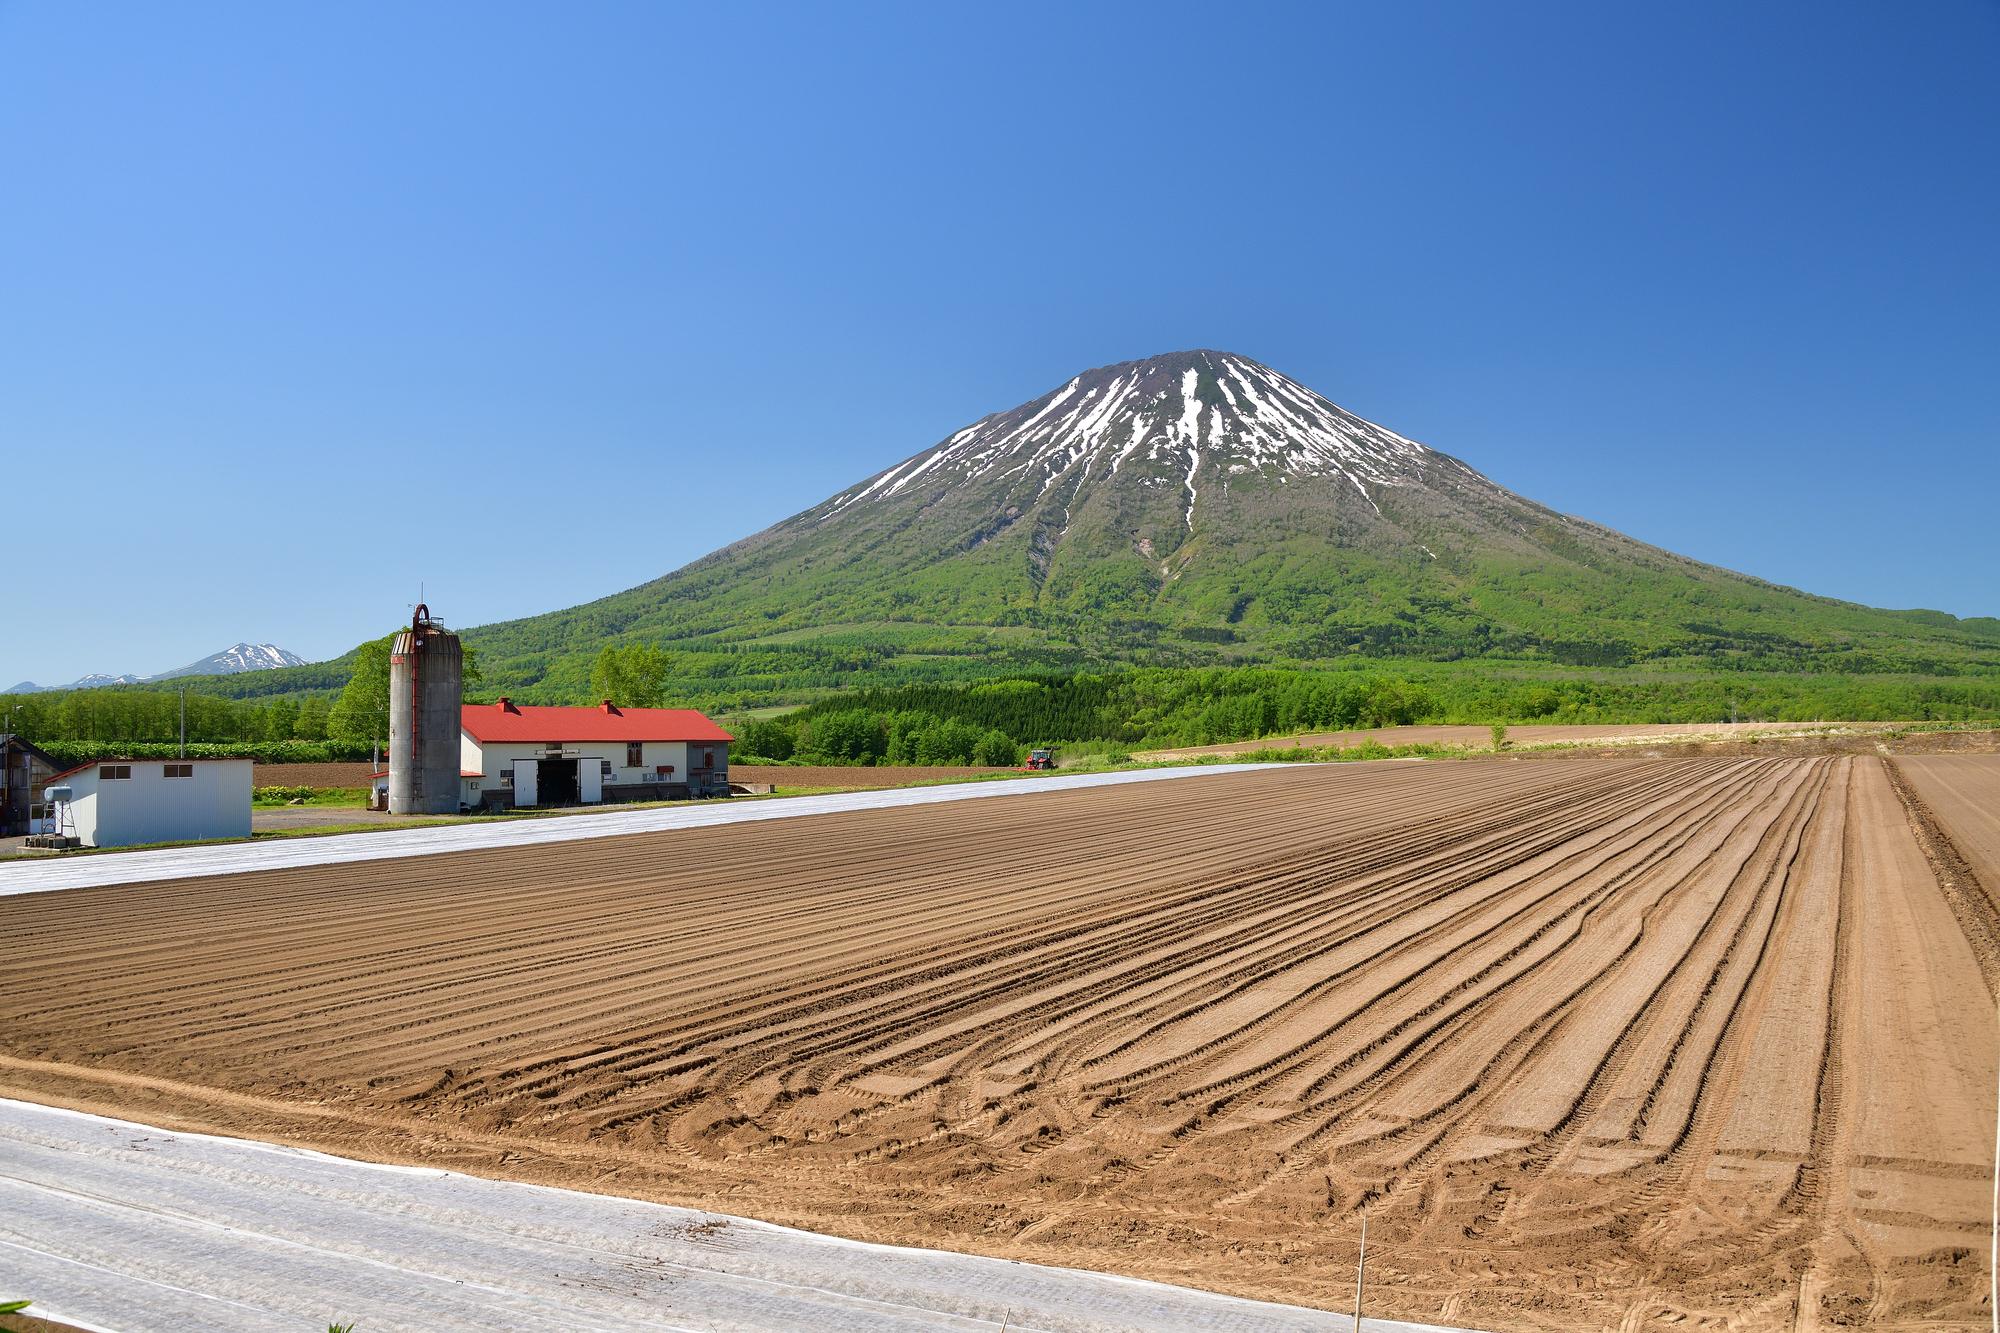 初夏の北海道留寿都村で残雪の羊蹄山と耕された畑の畝の風景を撮影